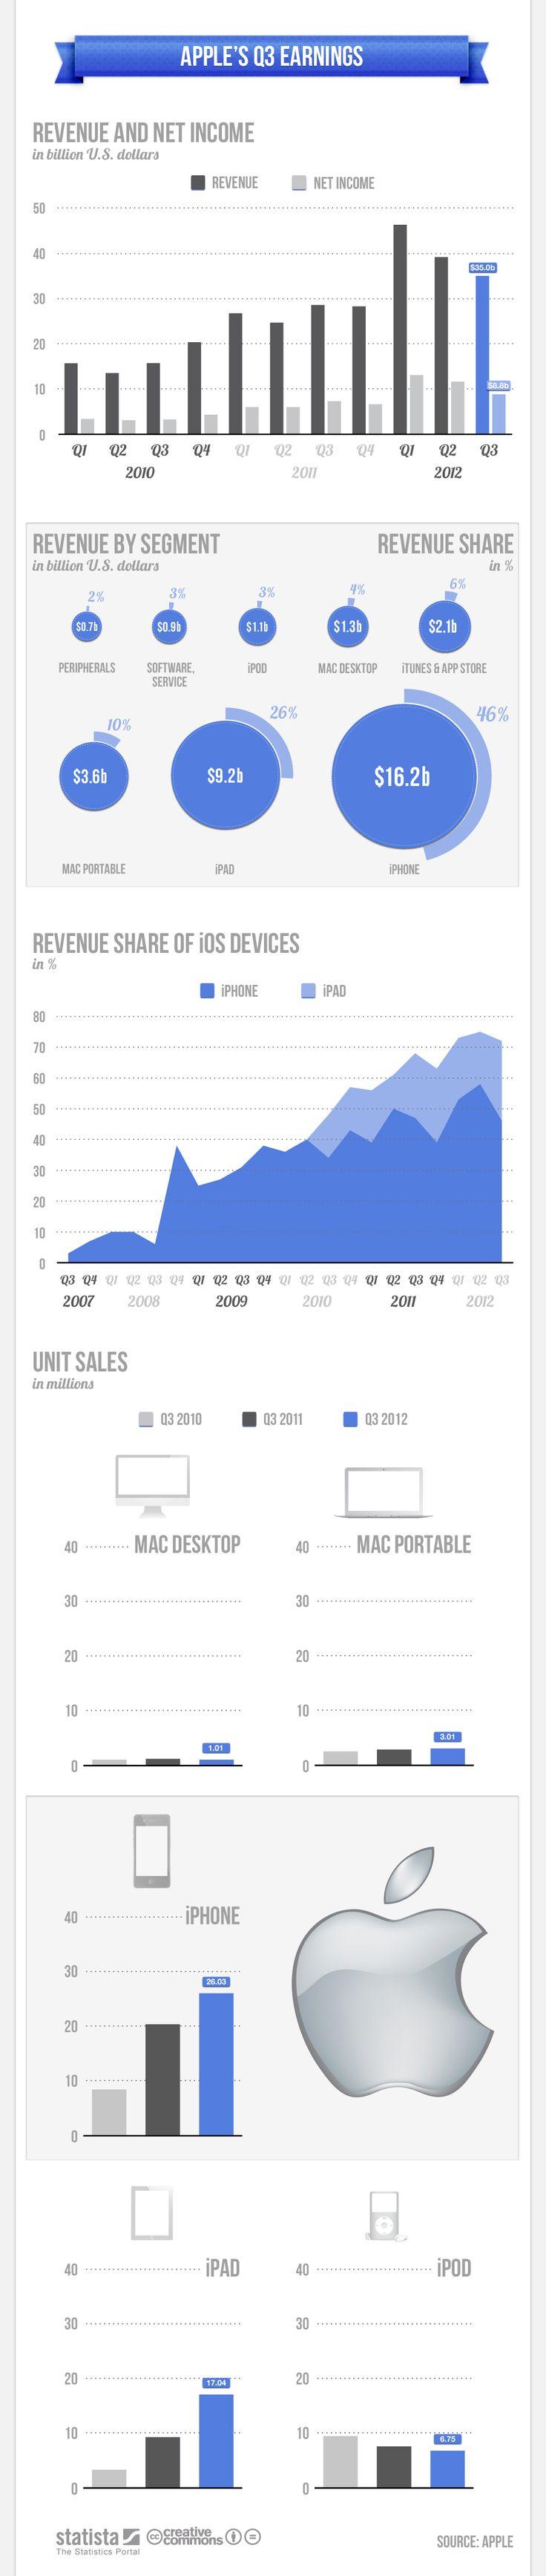 Apple's Q3 Earnings: 2012 Infografia, Apples Q3, 2012 Dapple, Website, Apples Infographic, Q3 Earn, Infographic Apples, Apples 2012, Earn Infographic